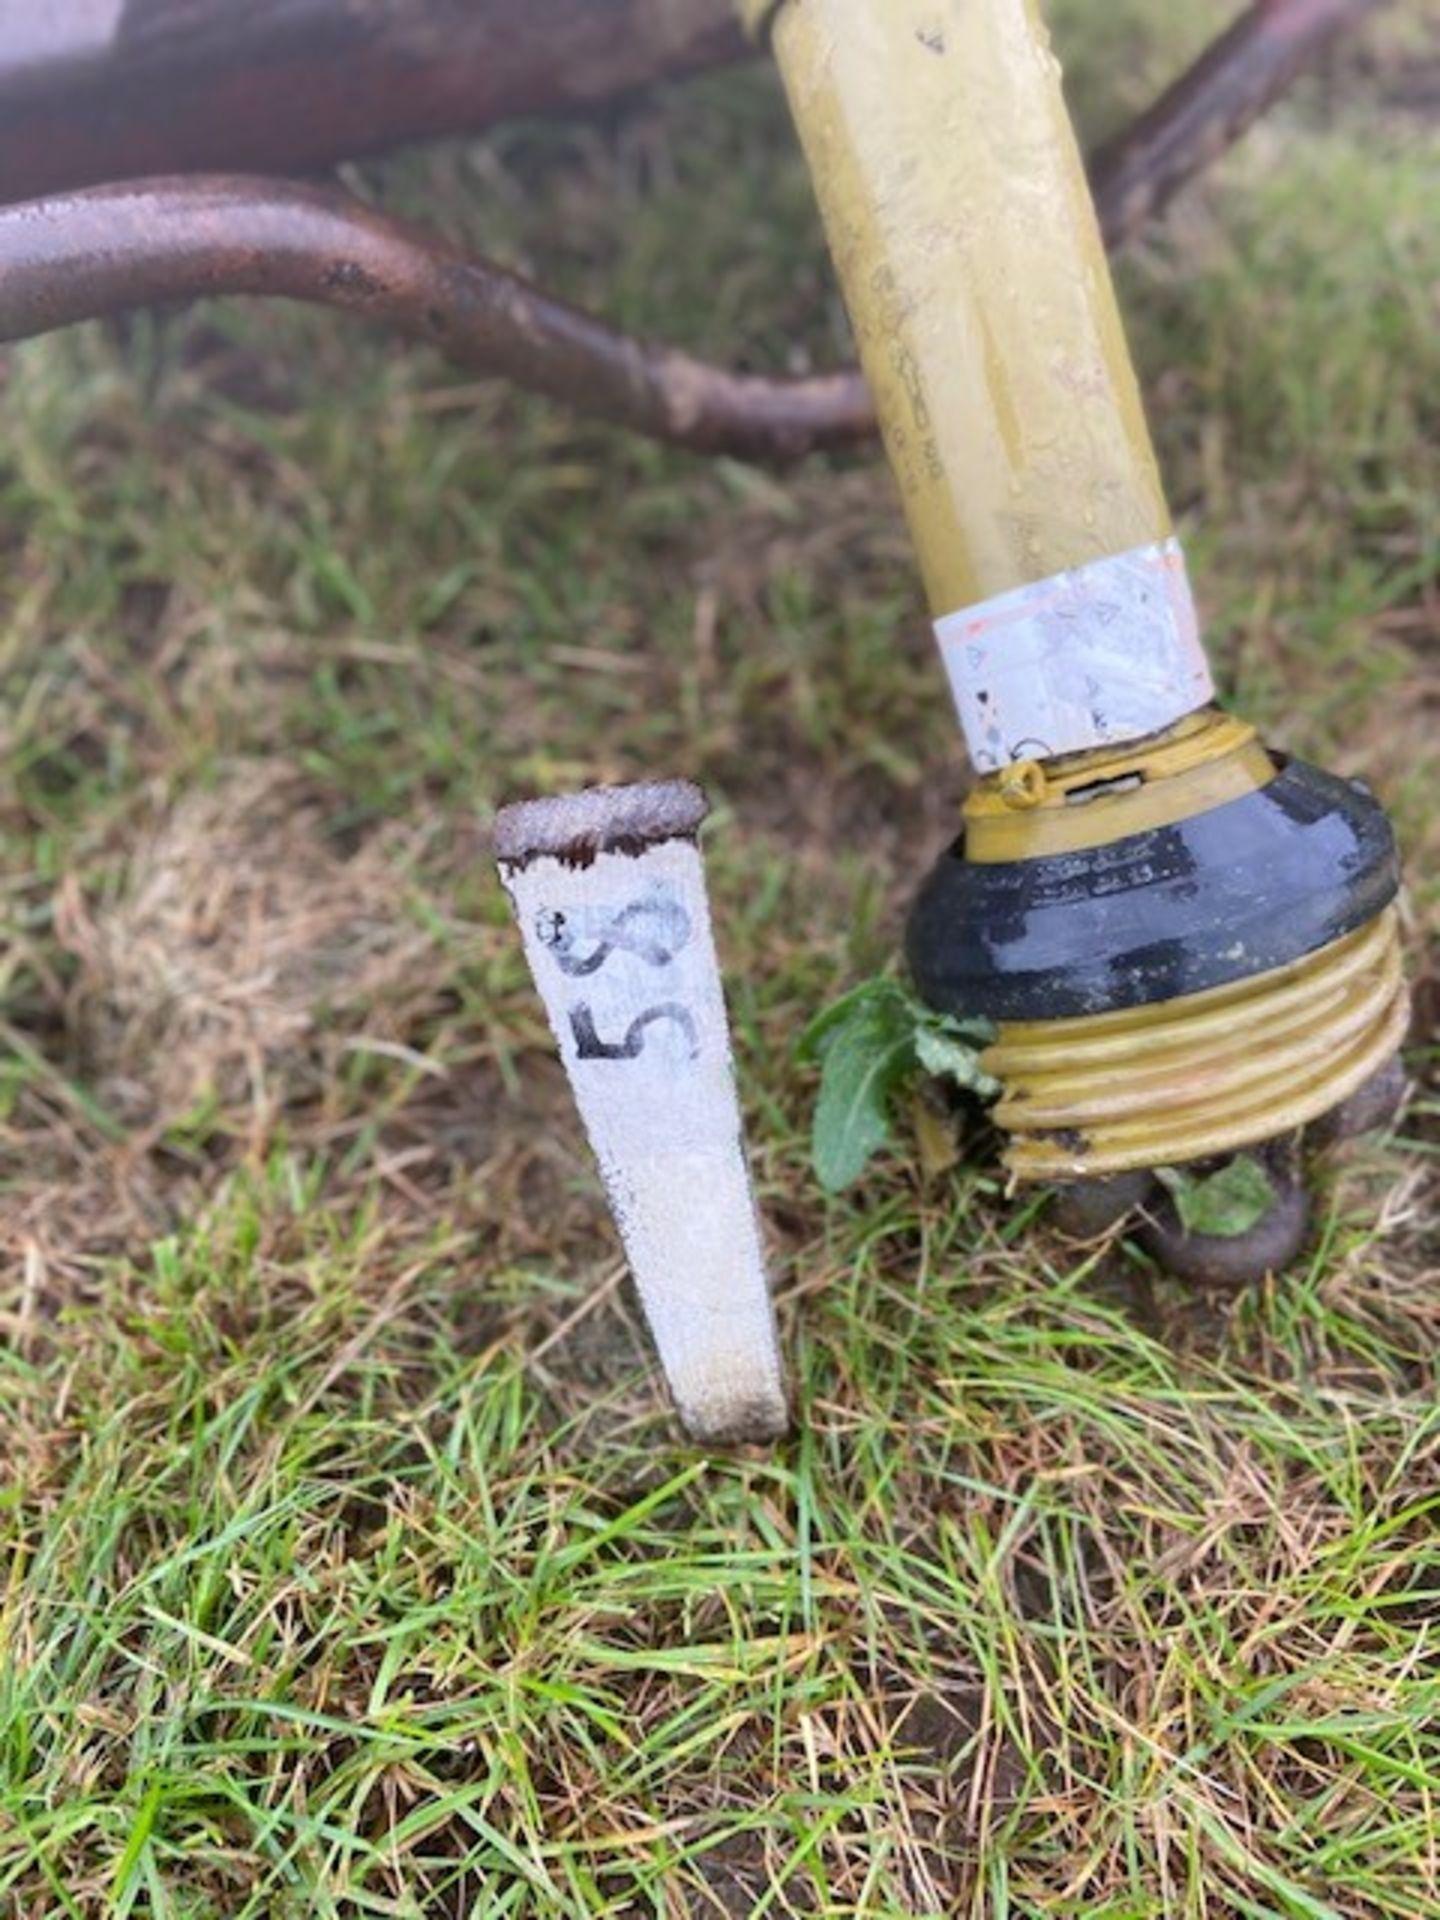 Vicon 3m power harrow - Image 2 of 5